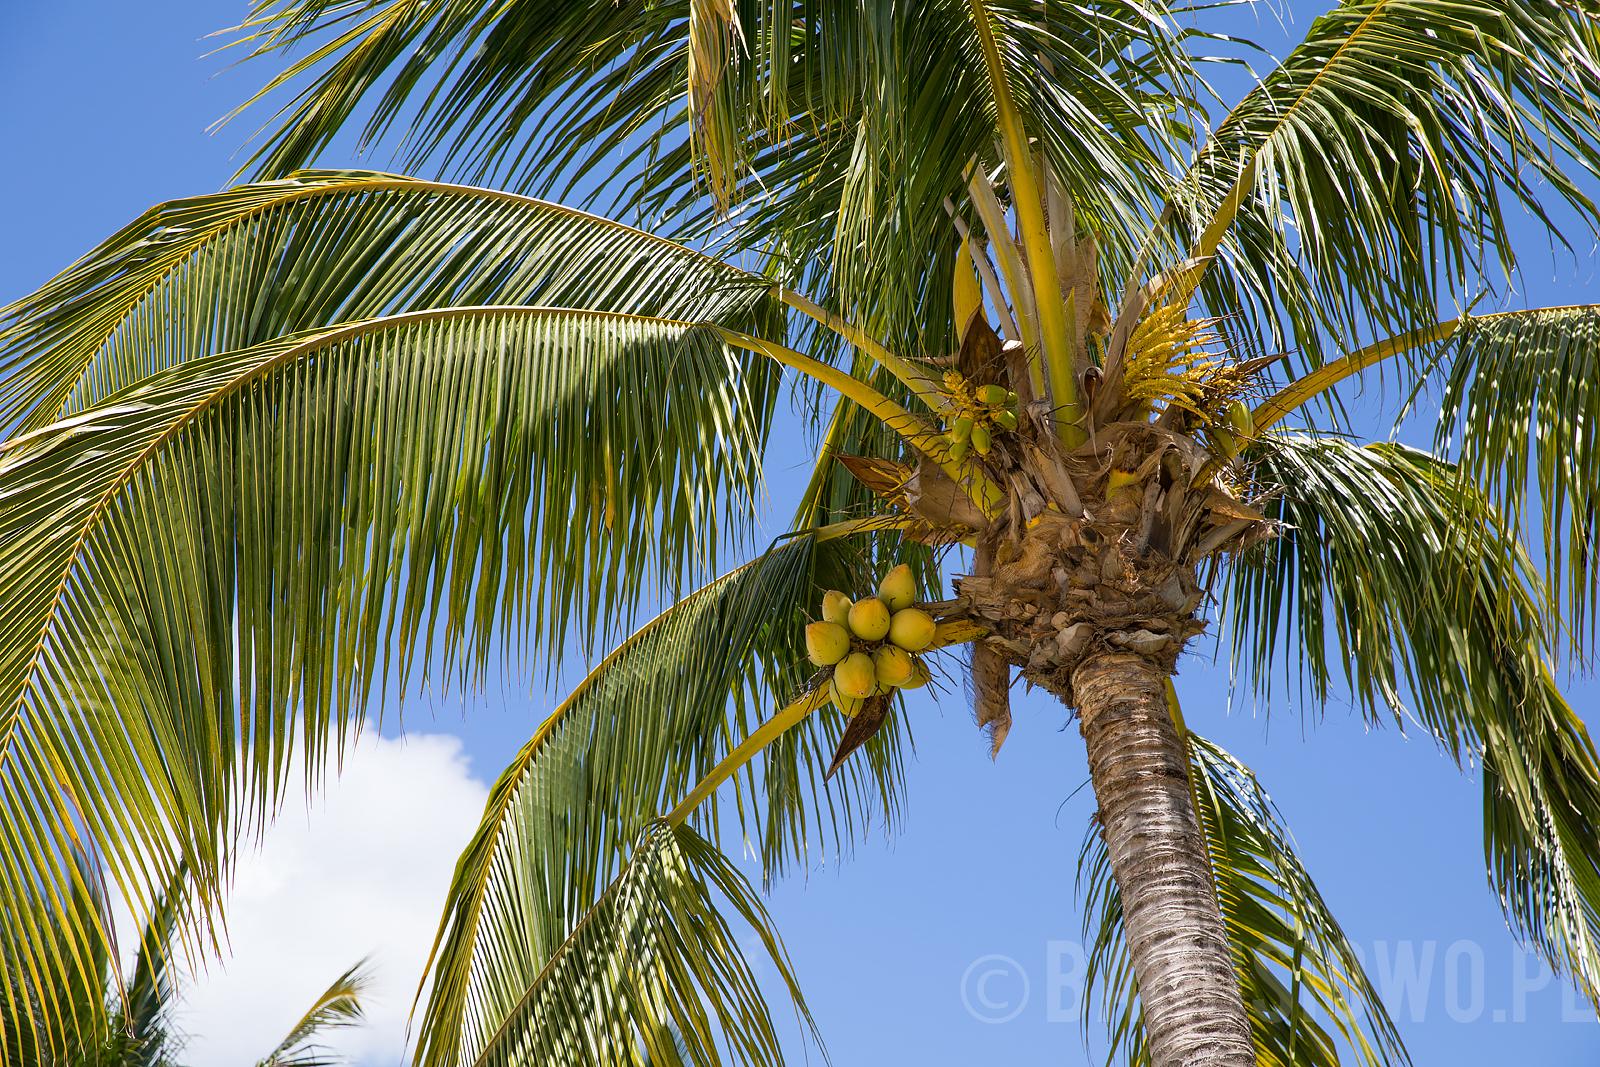 mauritius-le-meridien-photos-28